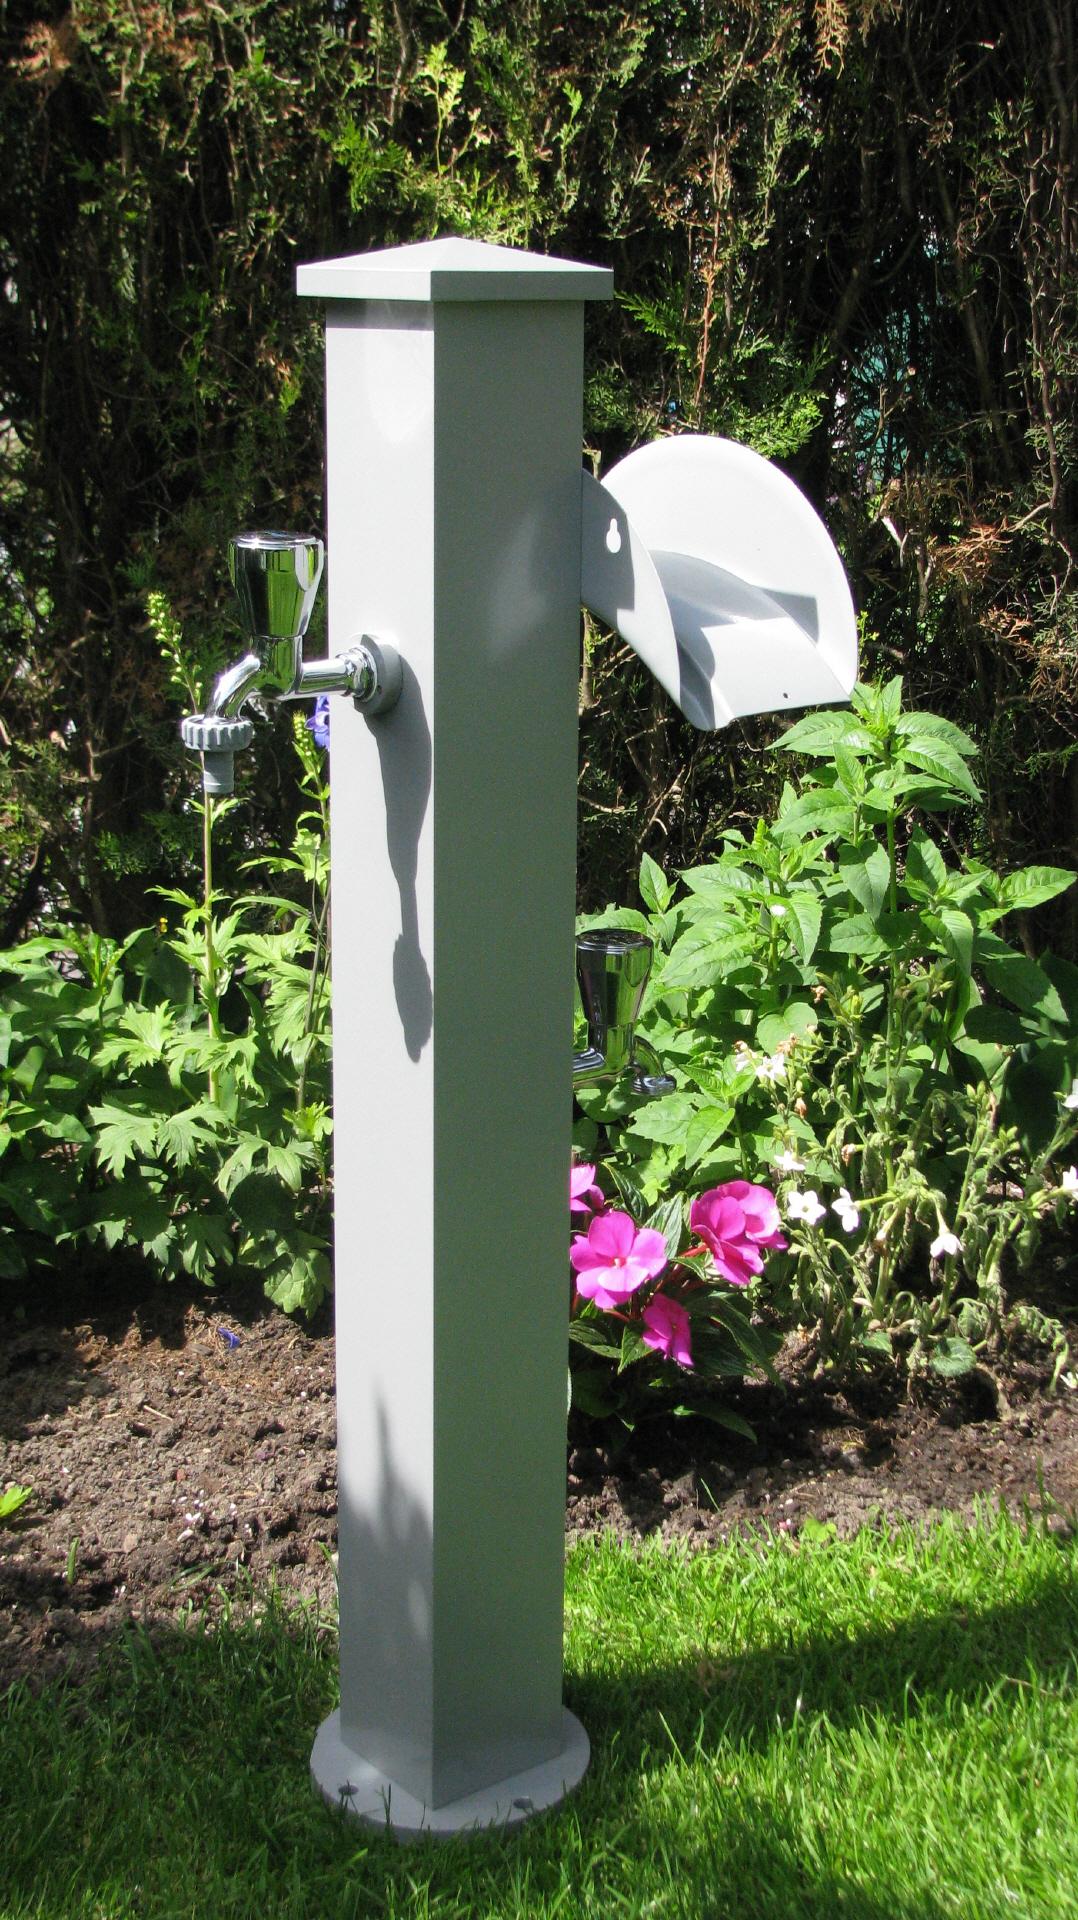 wassersäule - wasserzapfsäule - raintime nebel- und bewässerungssysteme